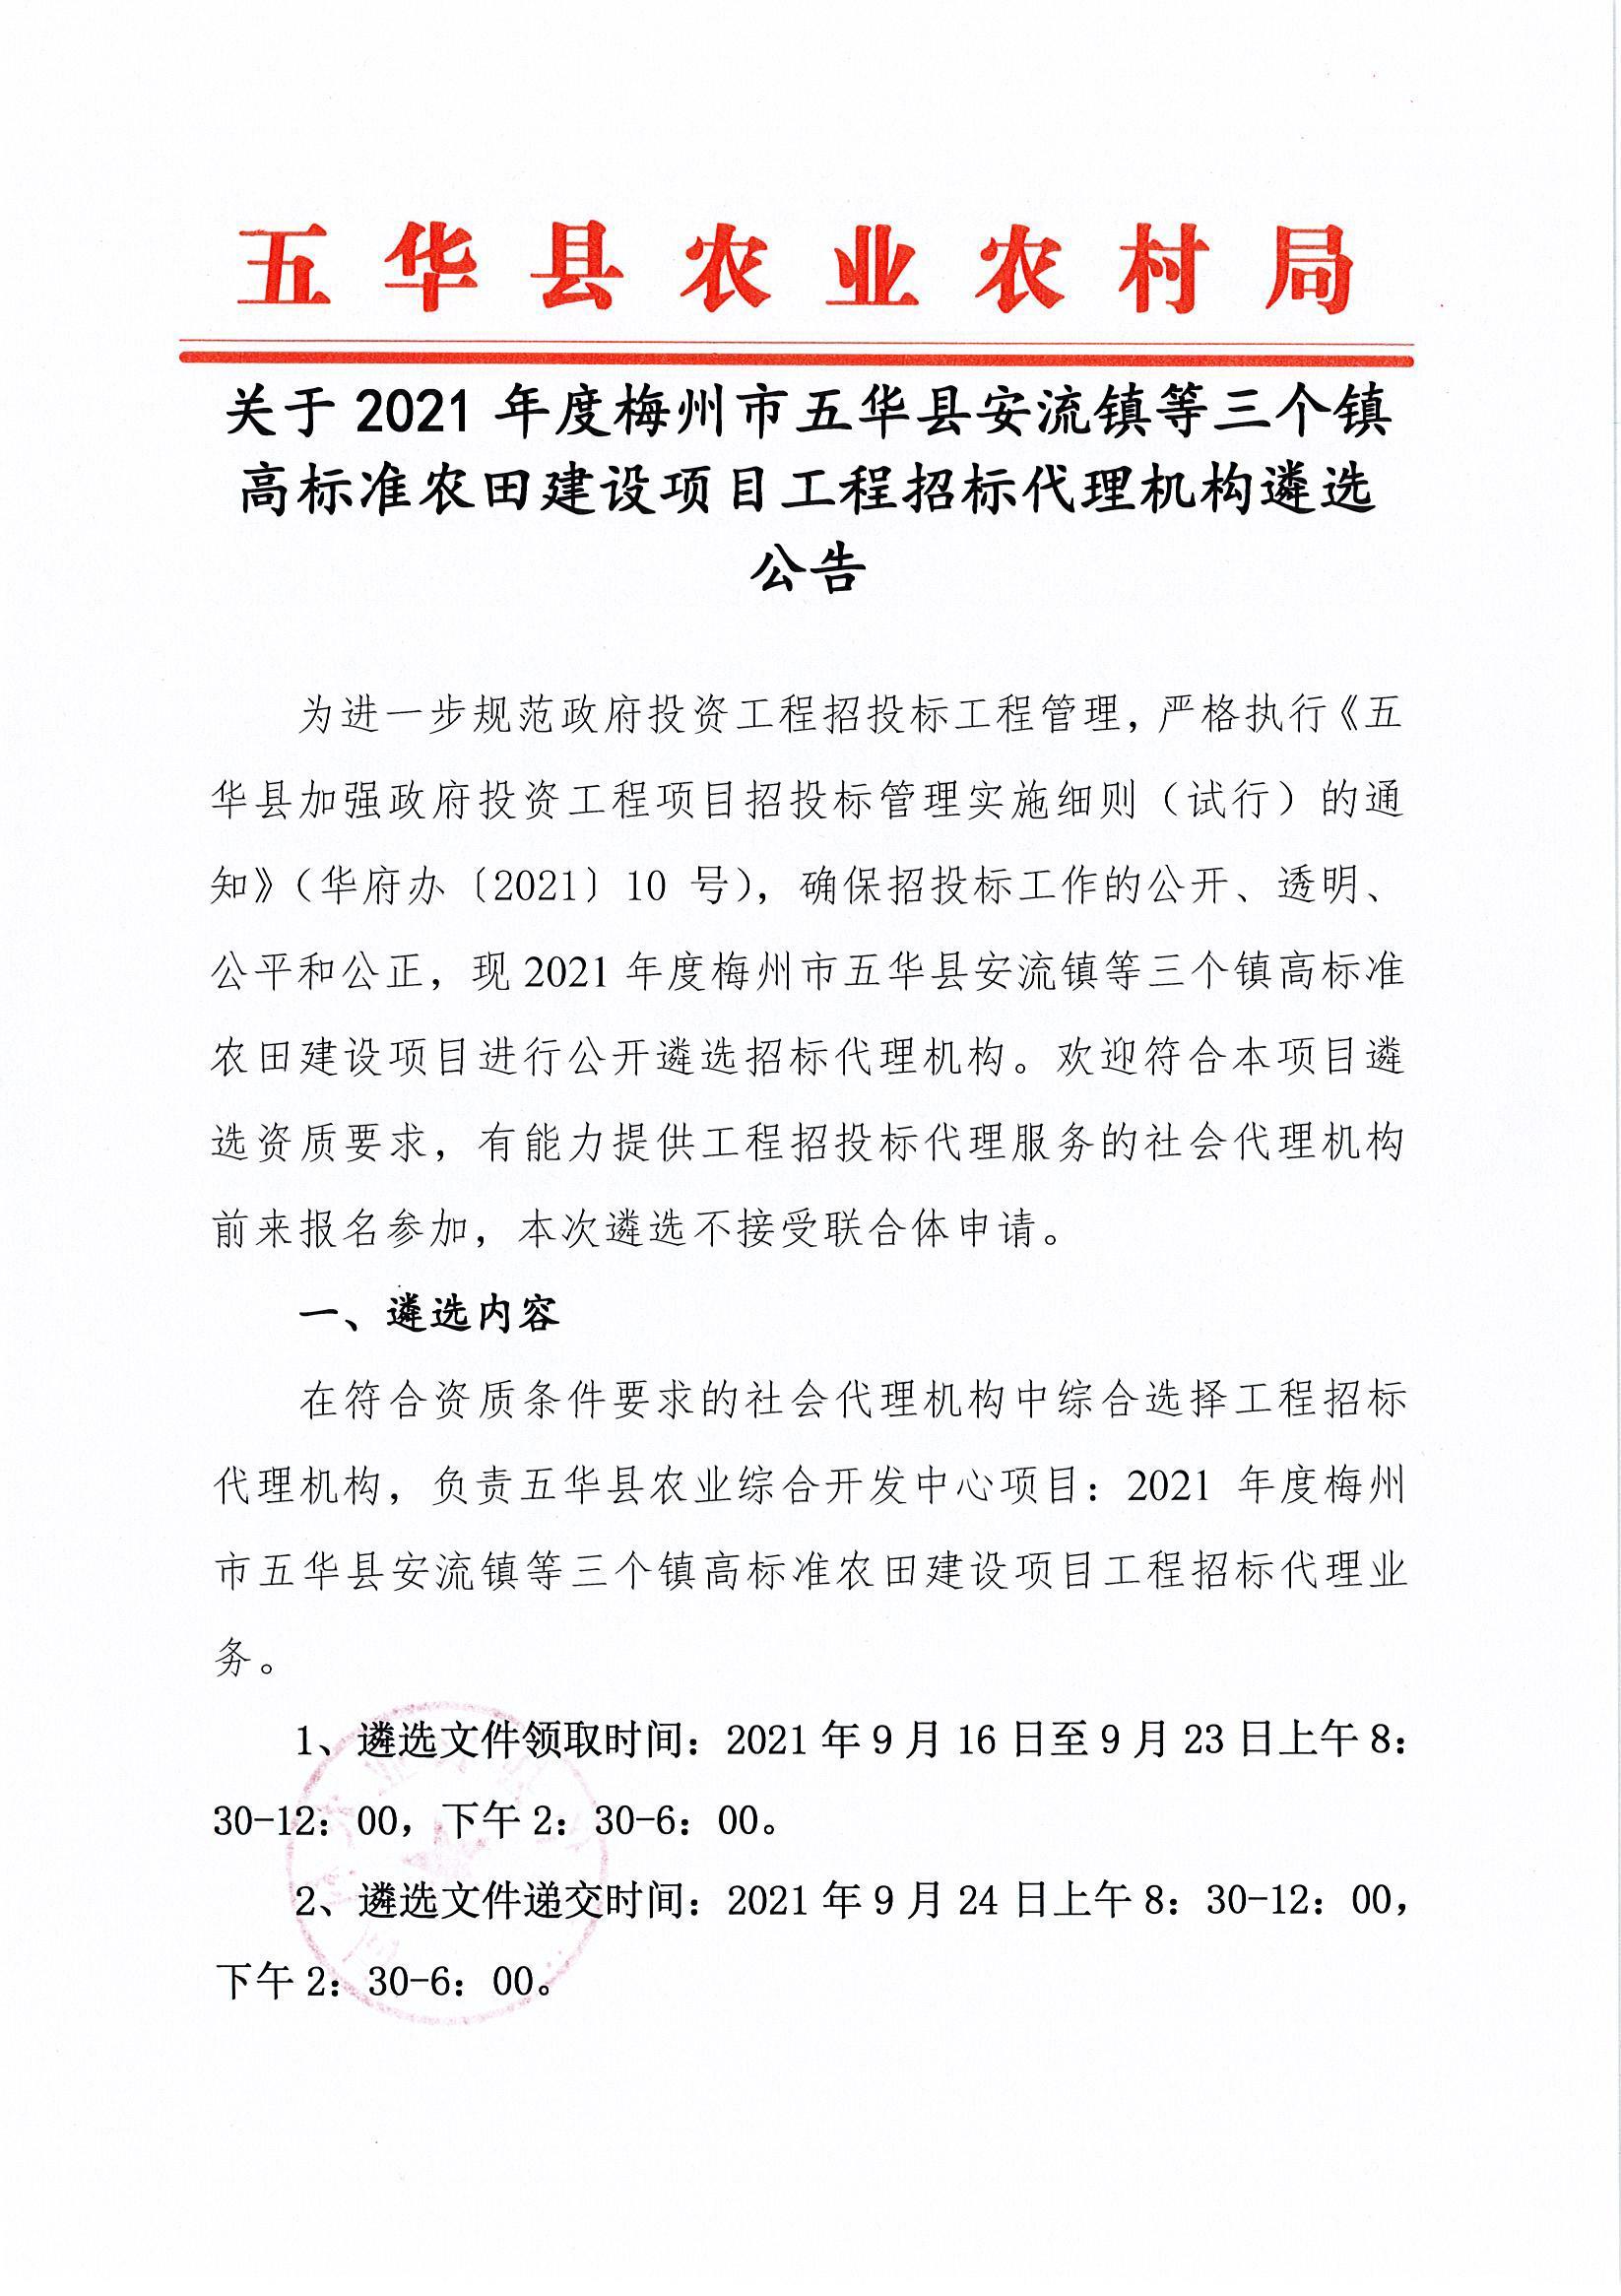 关于2021年度梅州市五华县安流镇等三个镇高标准农田建设项目工程招标代理机构遴选公告.jpg